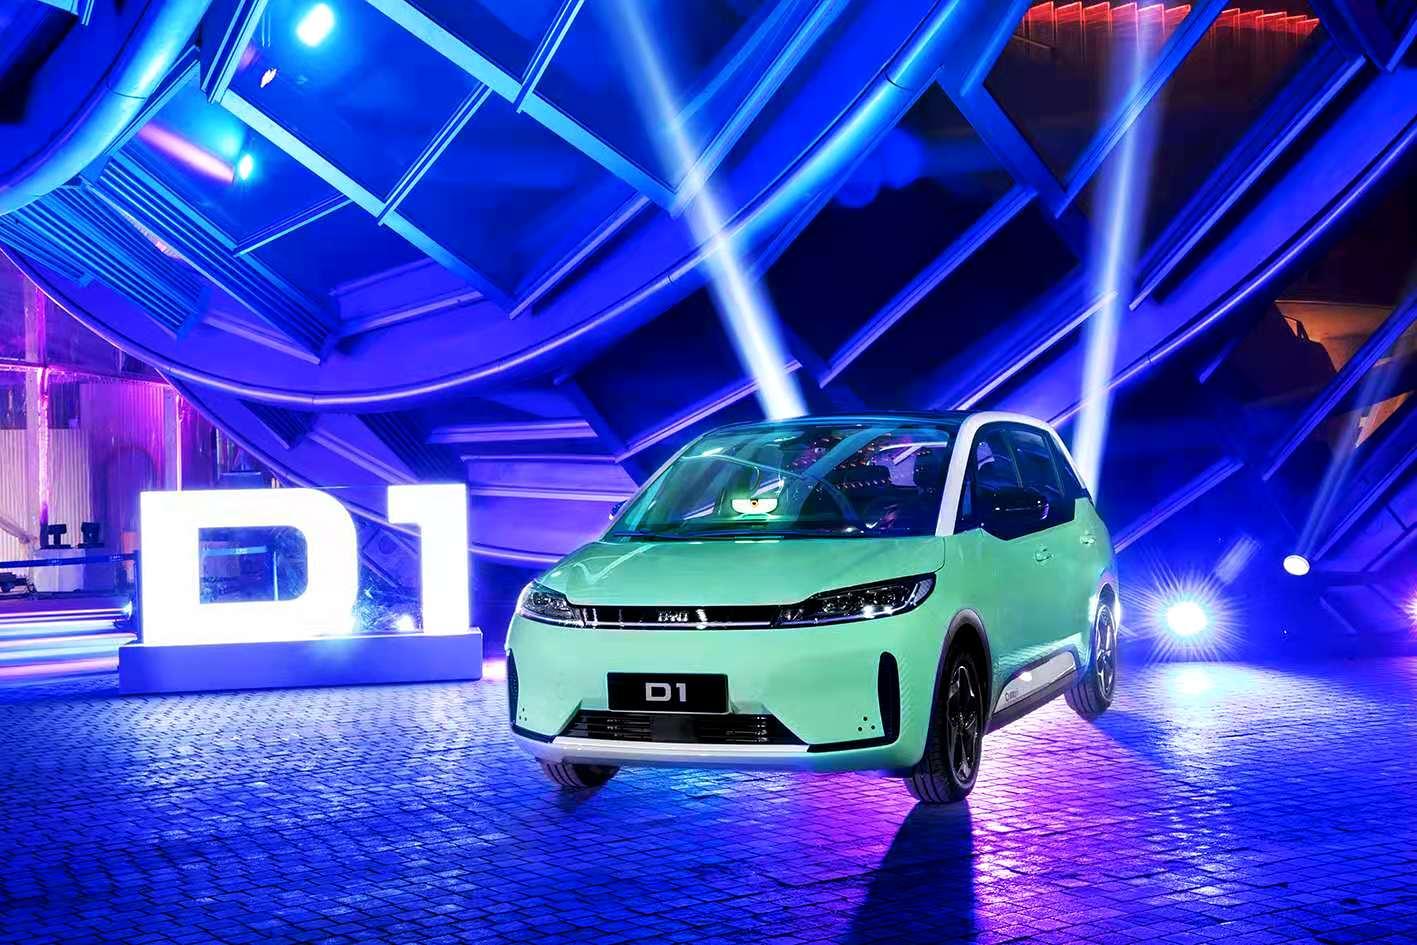 滴滴发布首款定制网约车D1 程维称2025年将普及